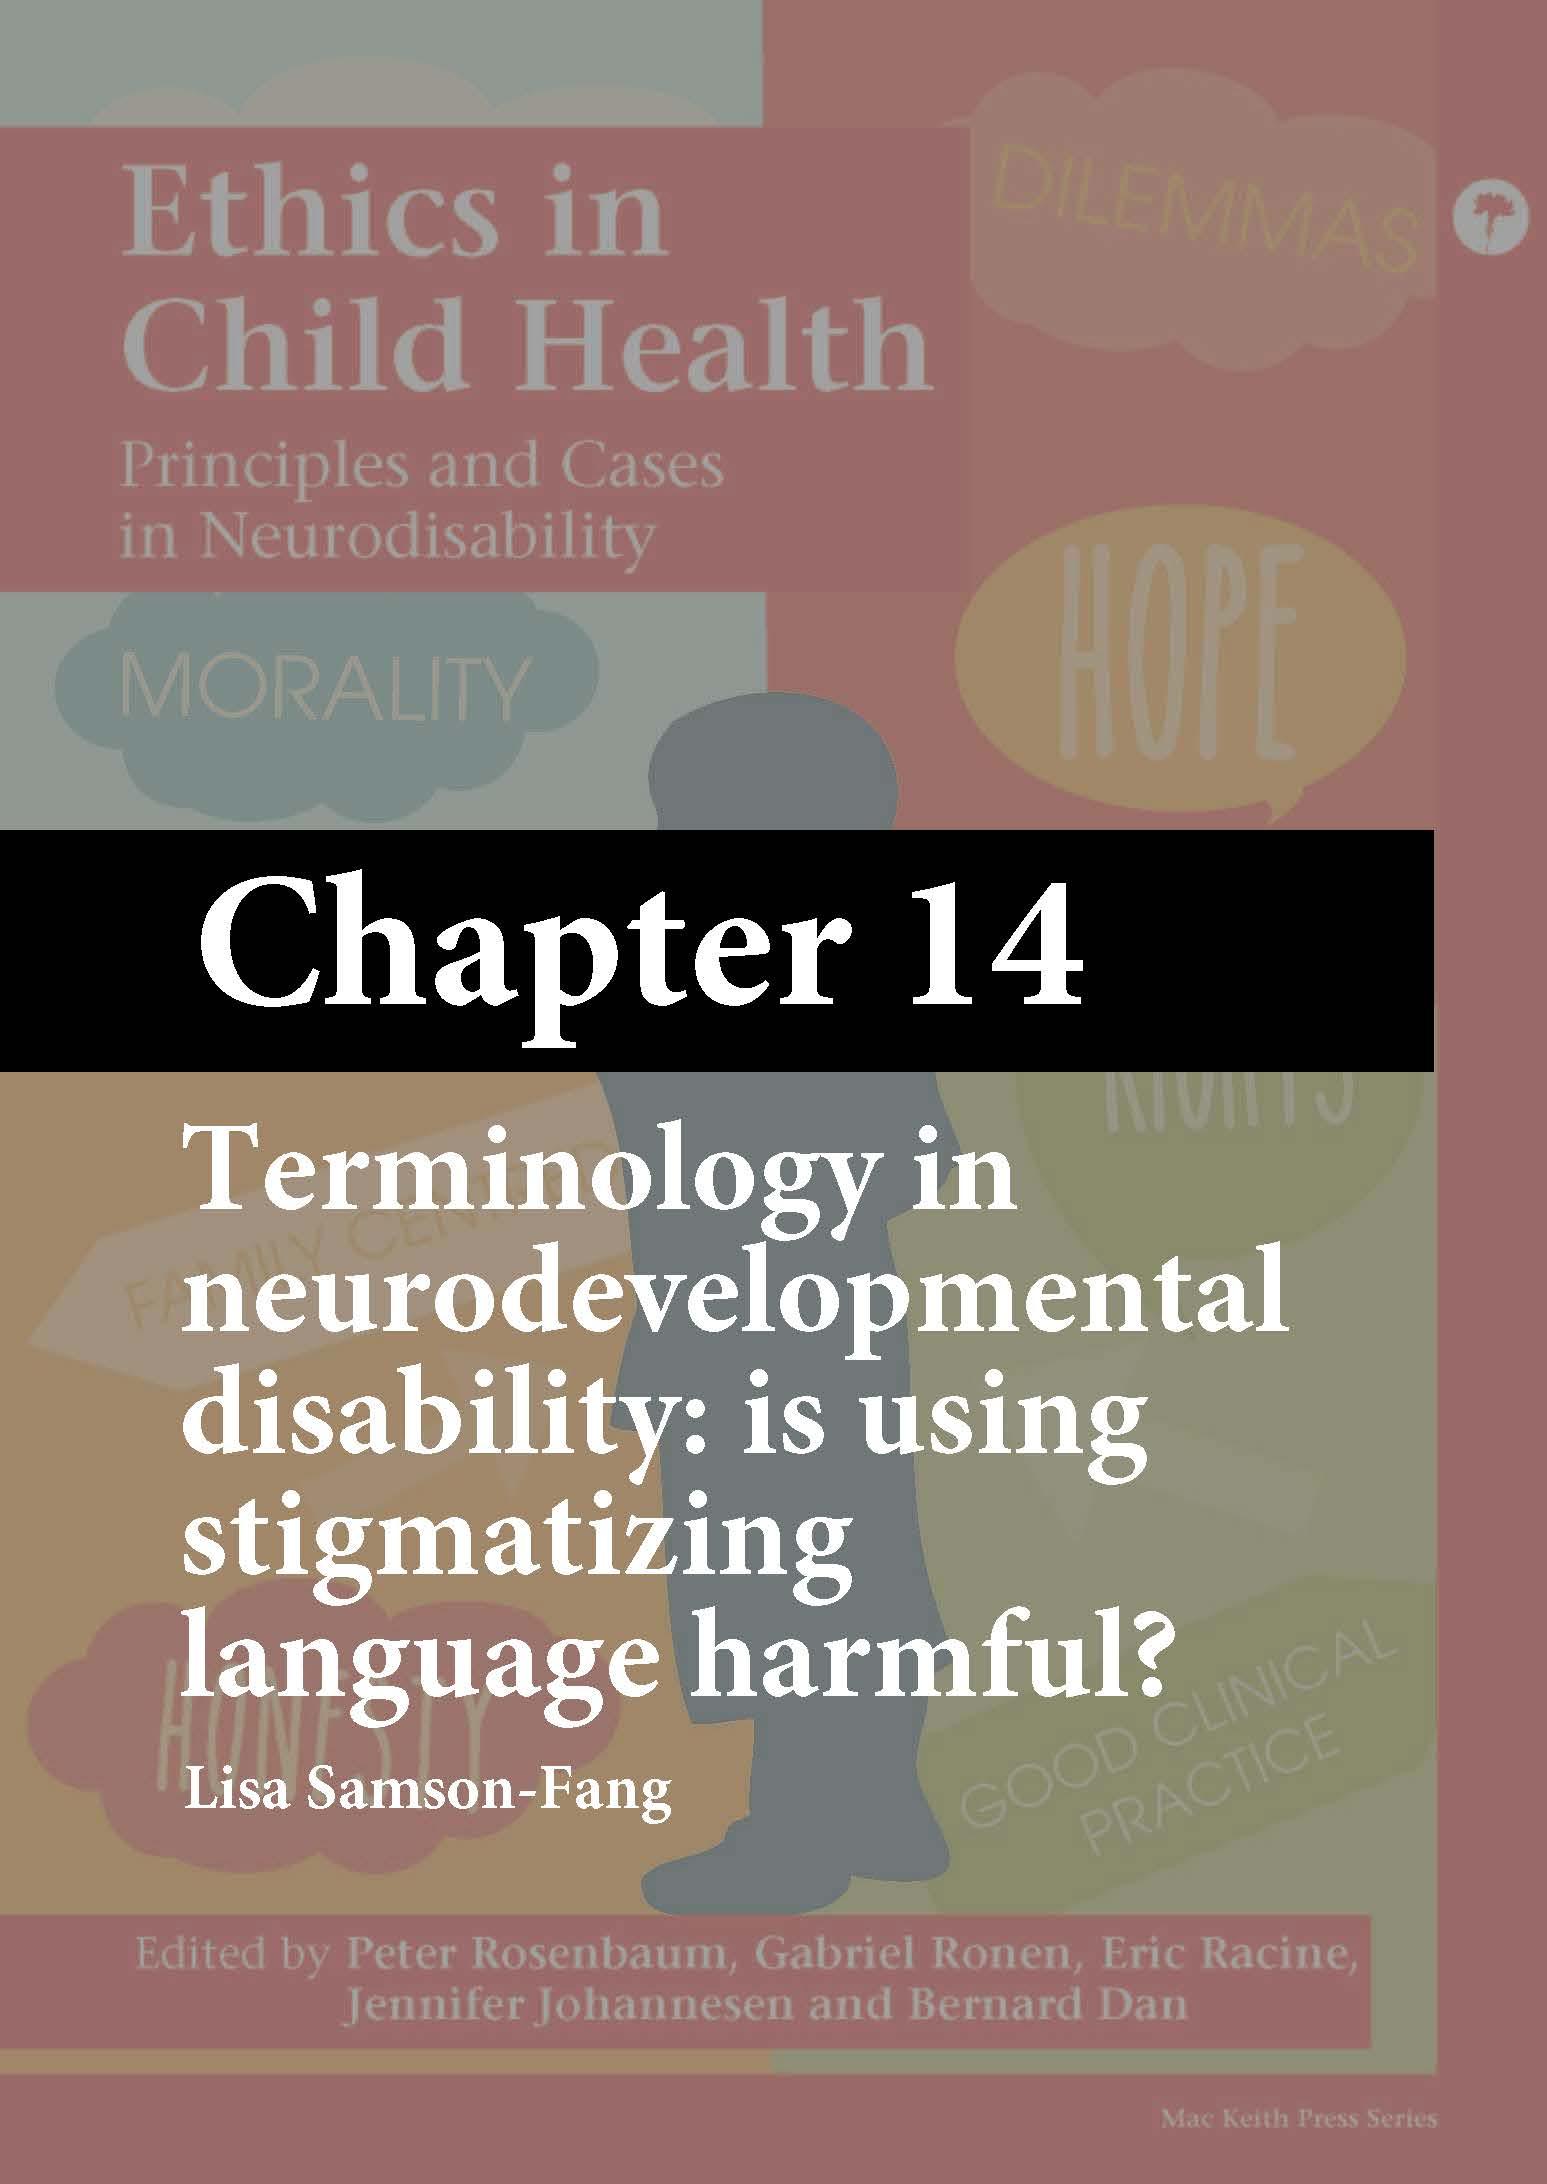 Ethics in Child Health, Rosenbaum, Chapter 14 cover